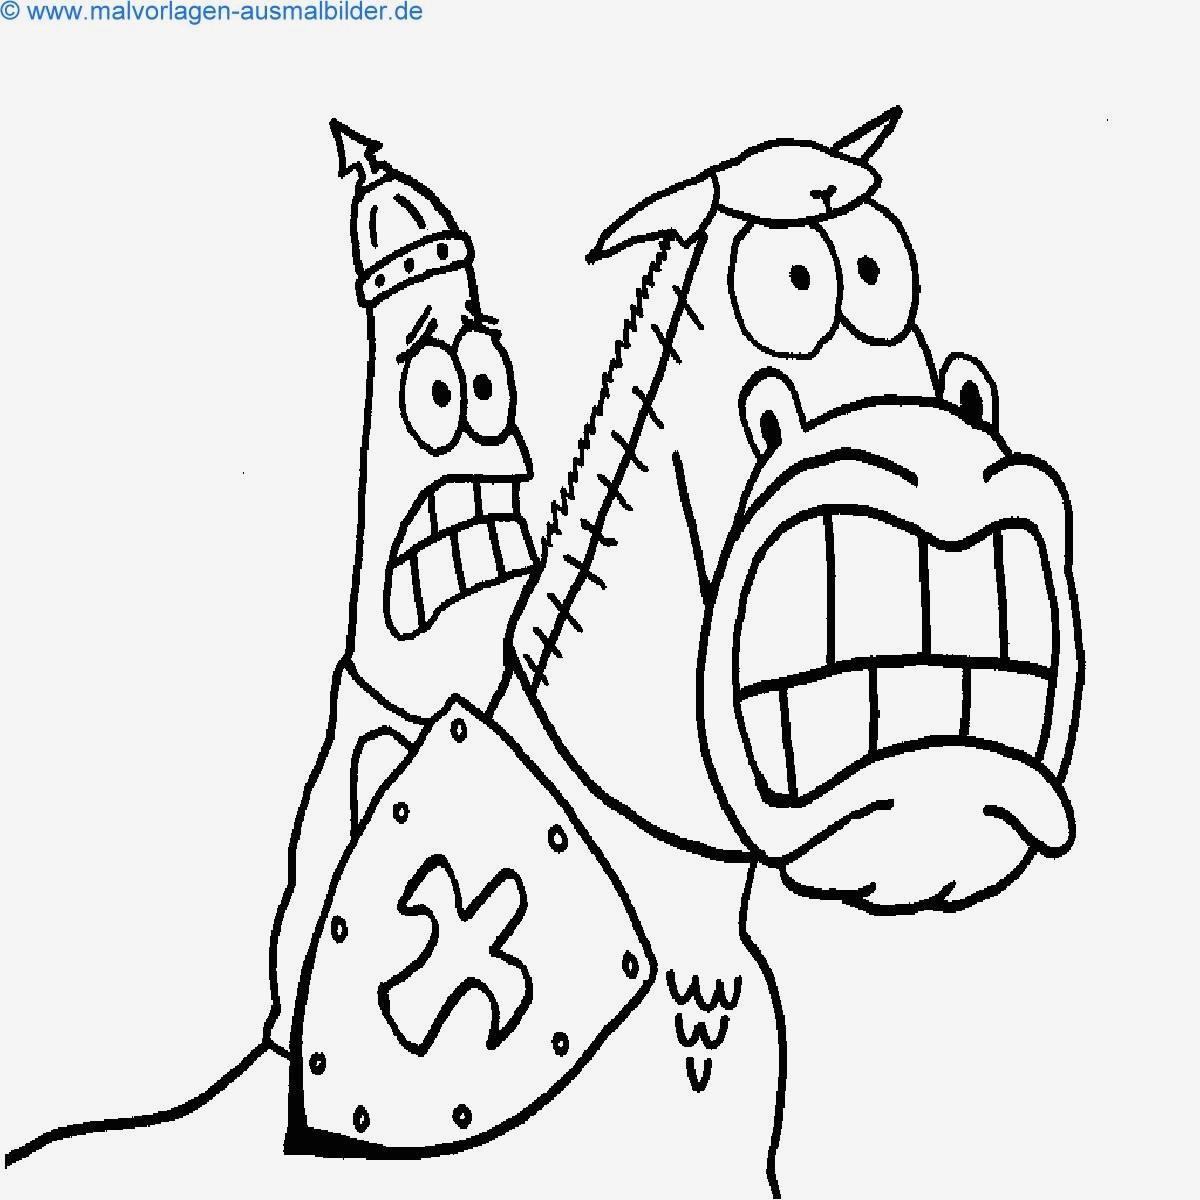 Kinder Malvorlagen Com Frisch Kinder Ausmalbilder Pferde Genial 30 Pferde Ausmalbilder Drucken Bild